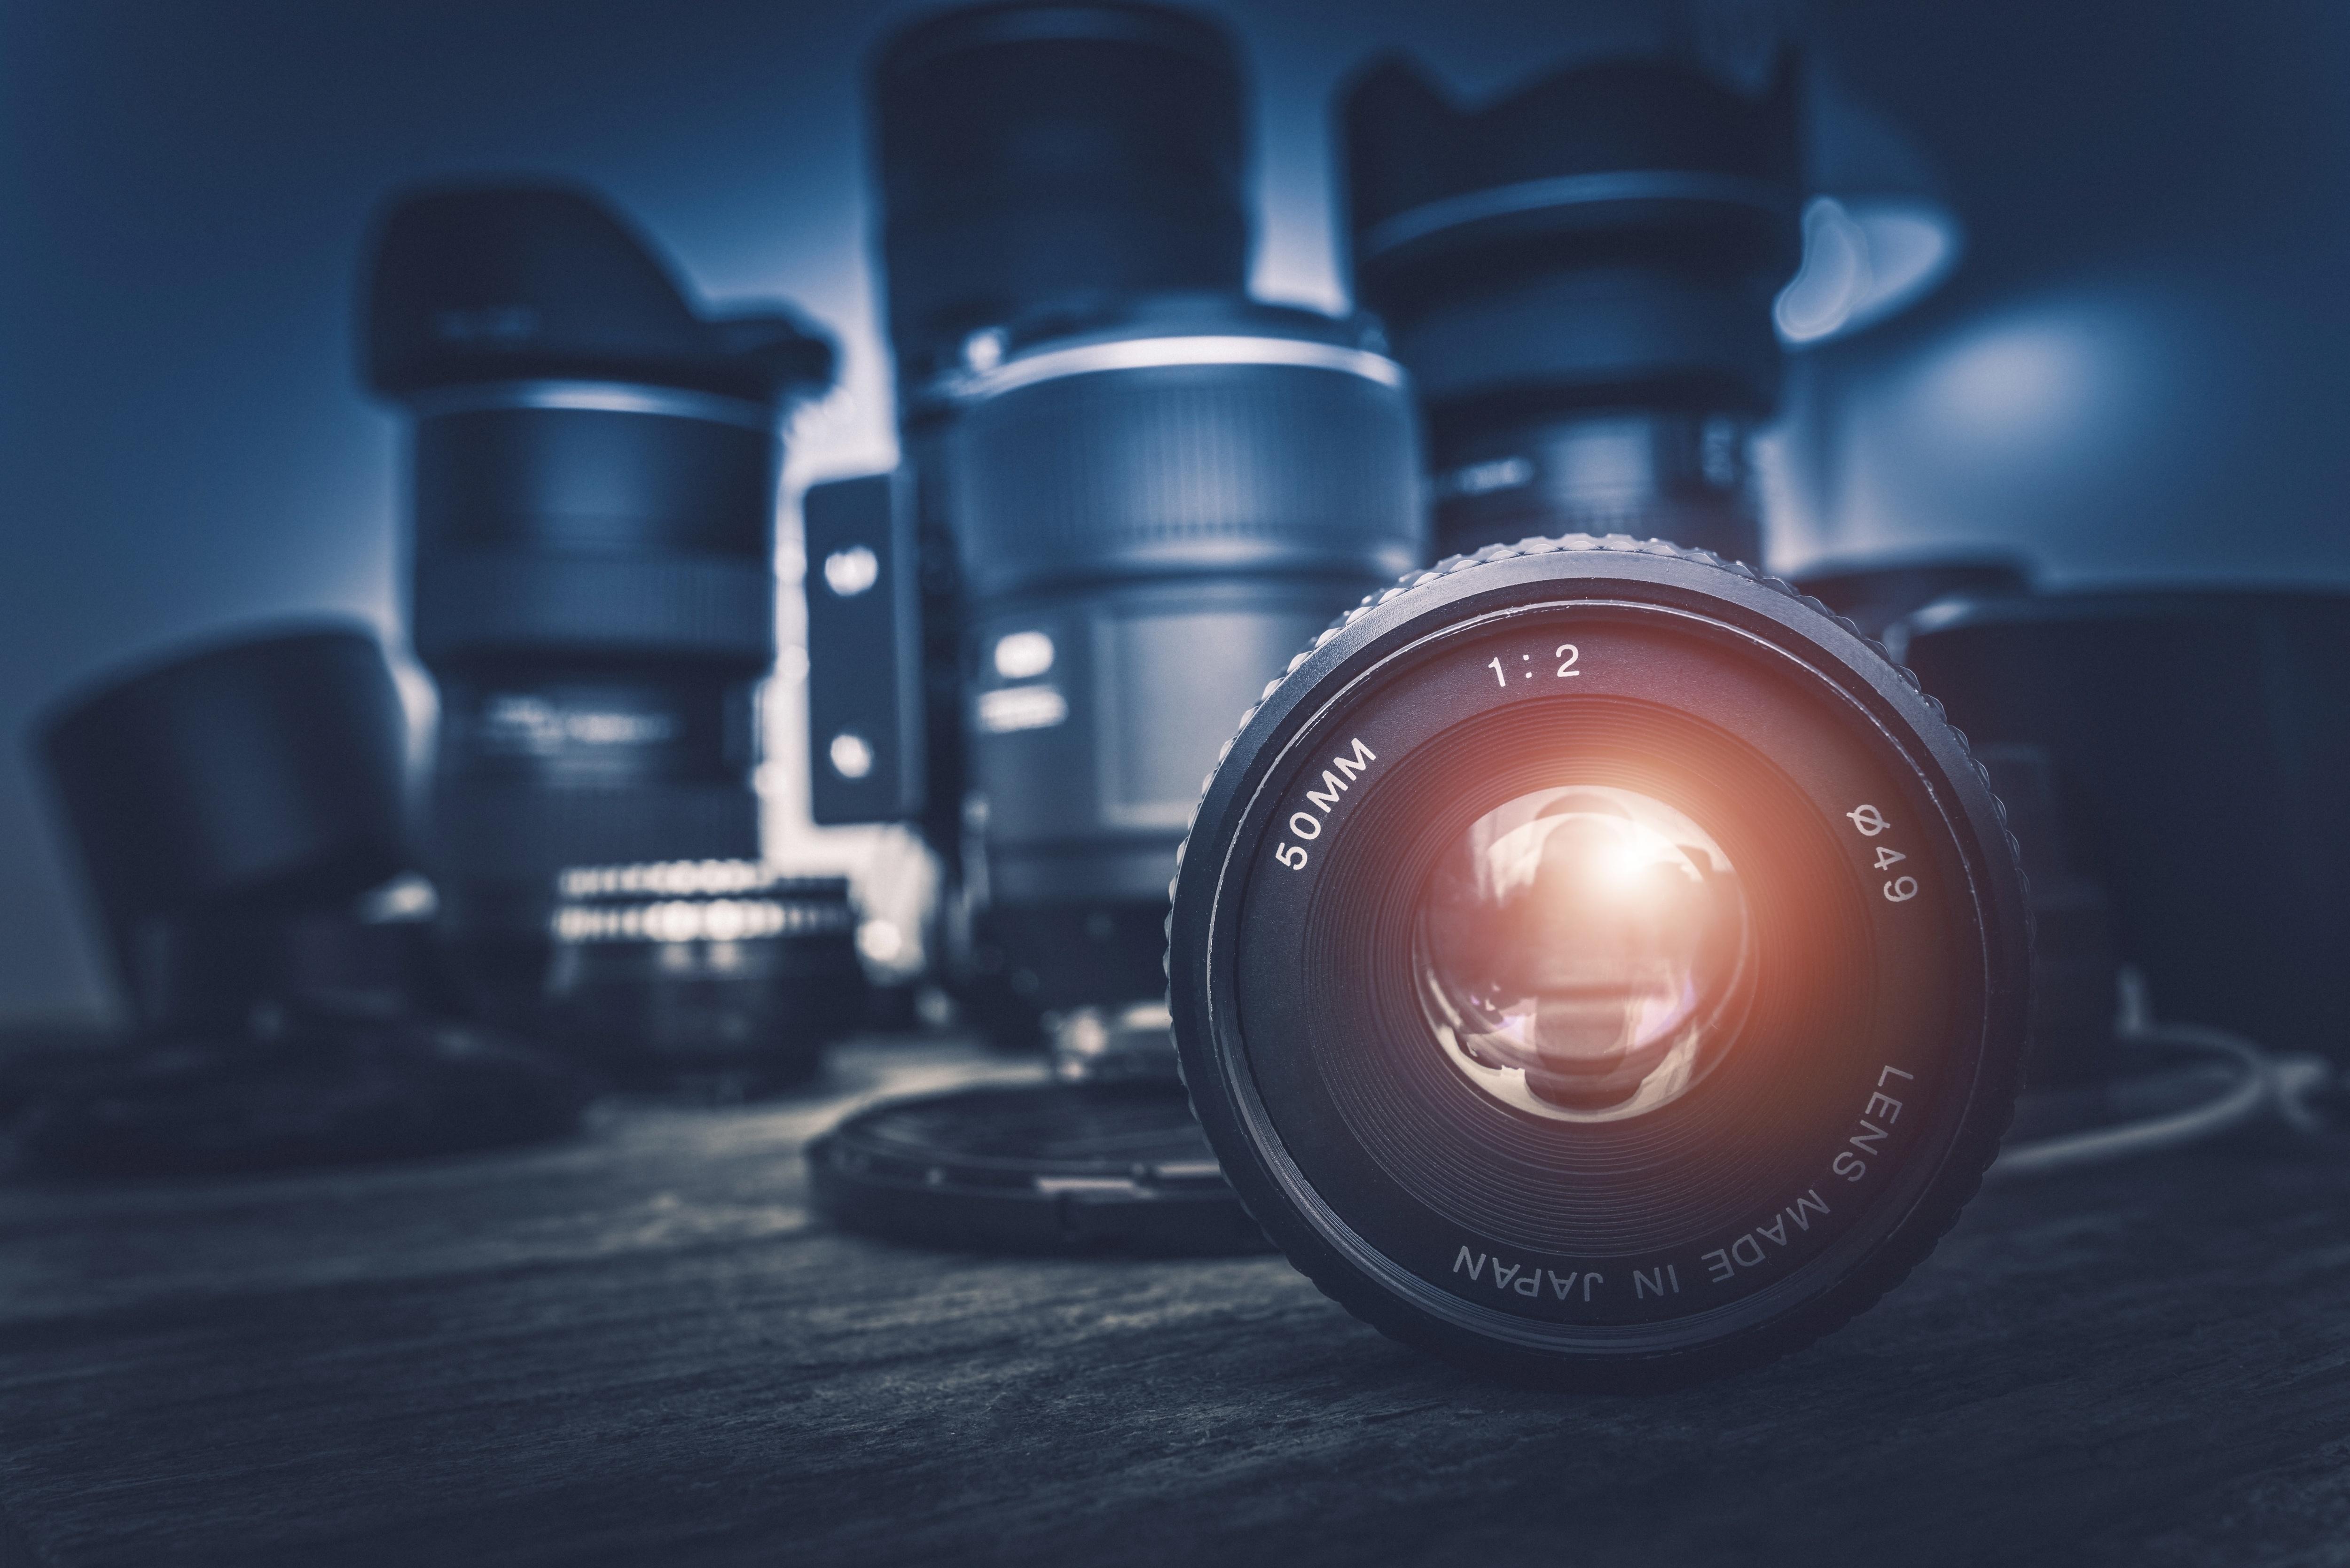 skrebneski photography RS2